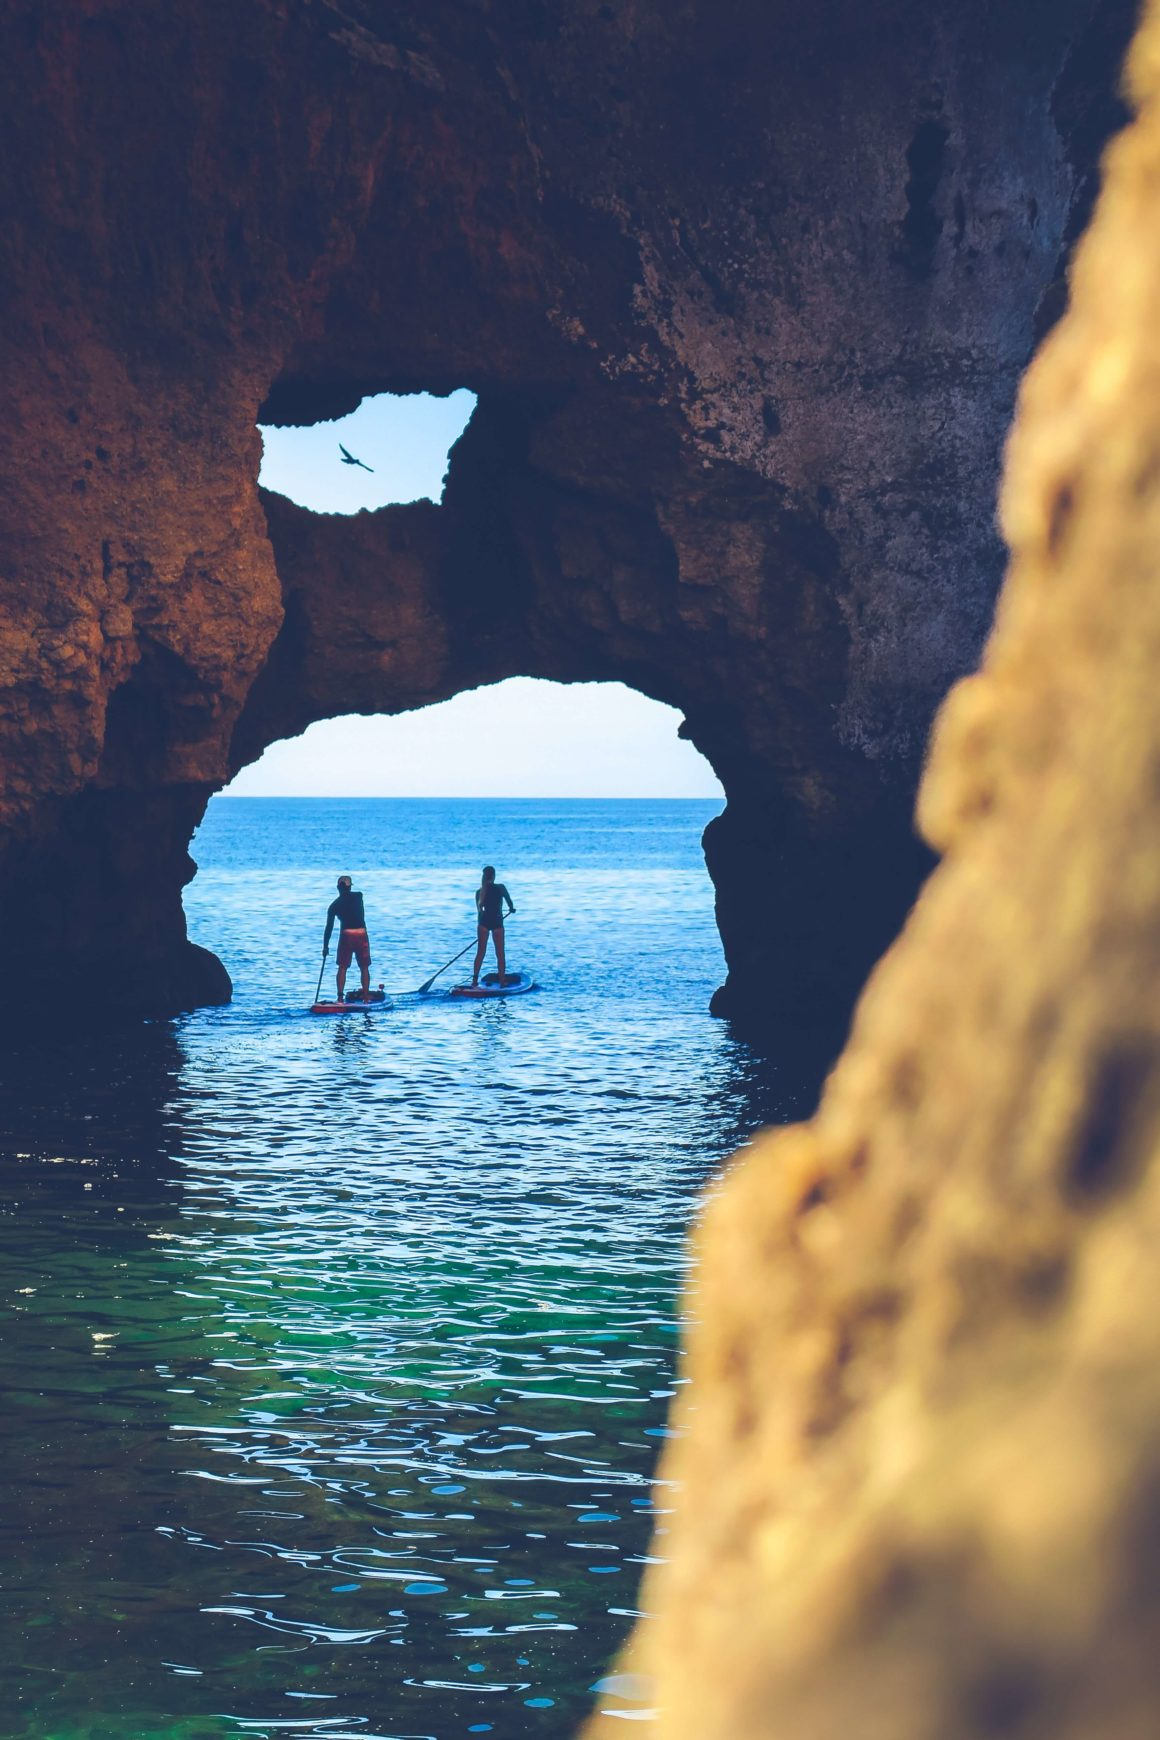 Aproveite as suas férias náuticas para praticar esportes aquáticos